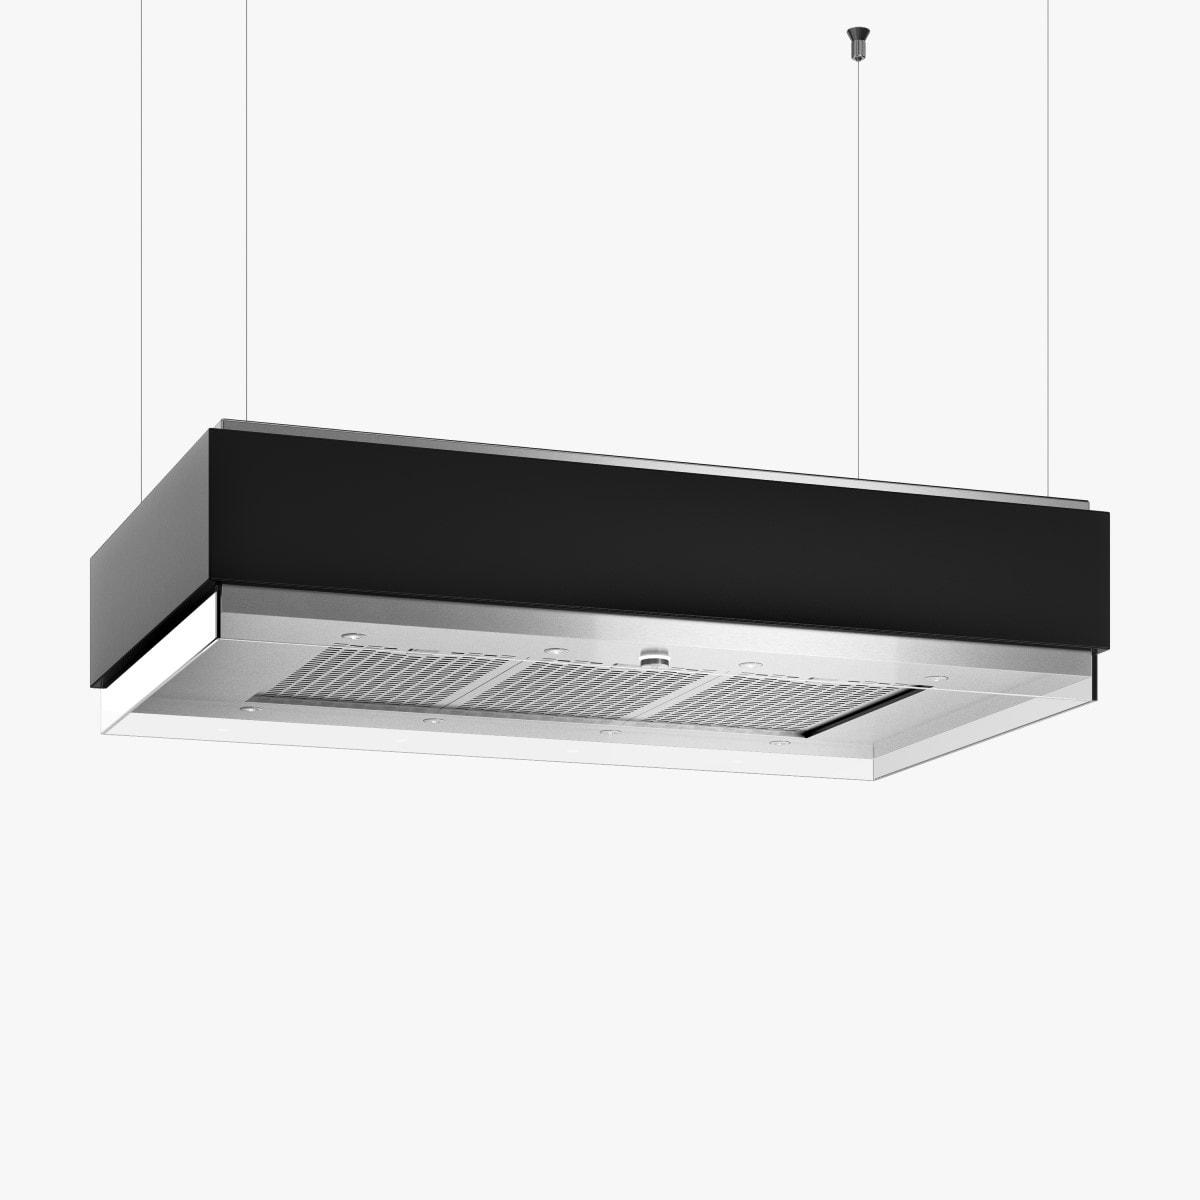 Produktbild på köksfläkten Estrad 100 cm i svart utförande.